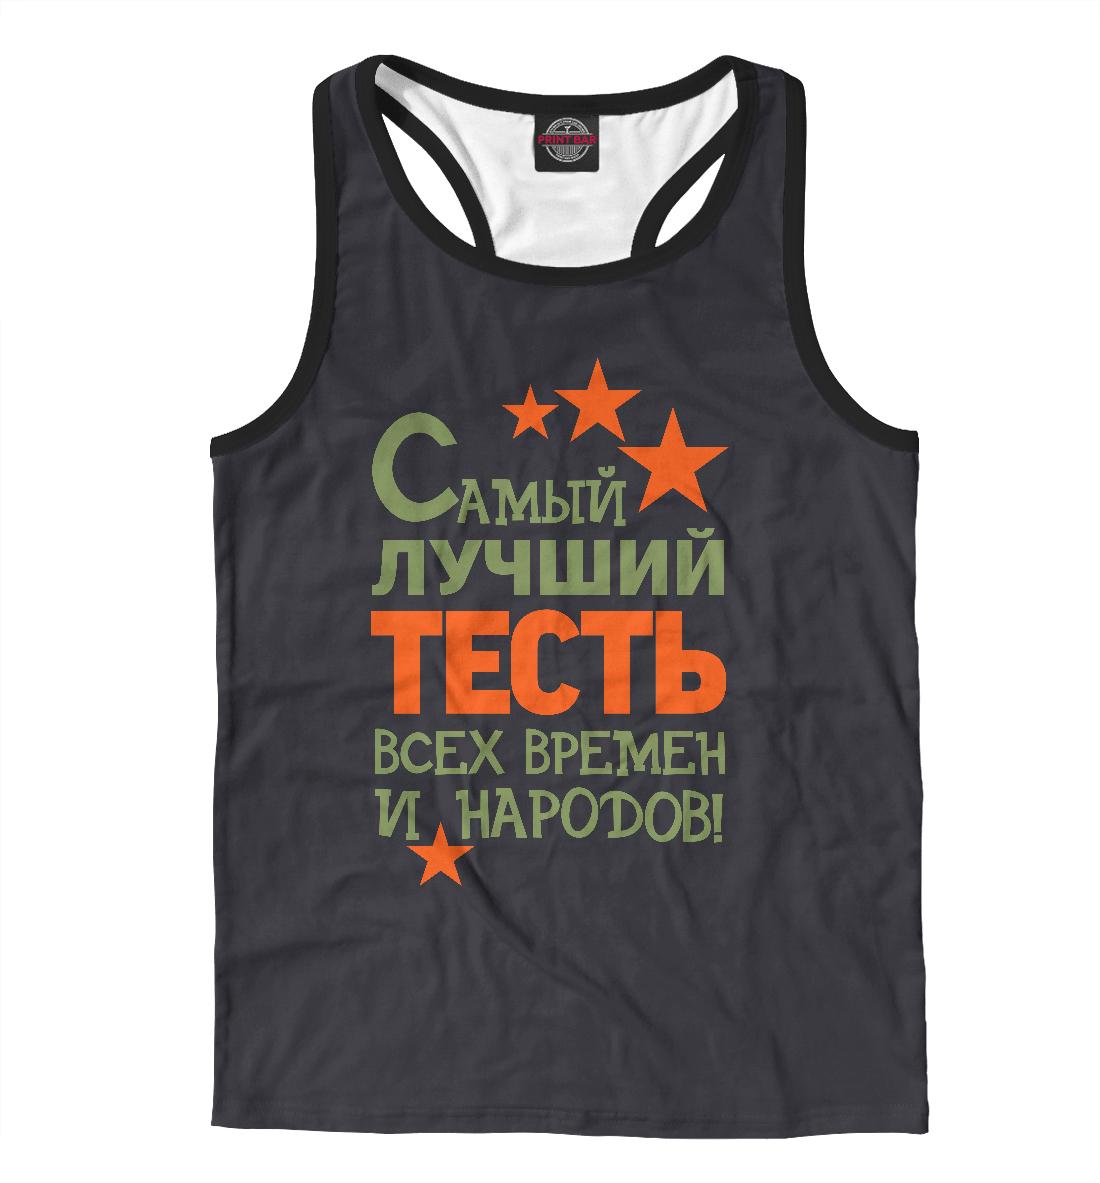 Купить Самый лучший тесть, Printbar, Майки борцовки, SVD-811534-mayb-2